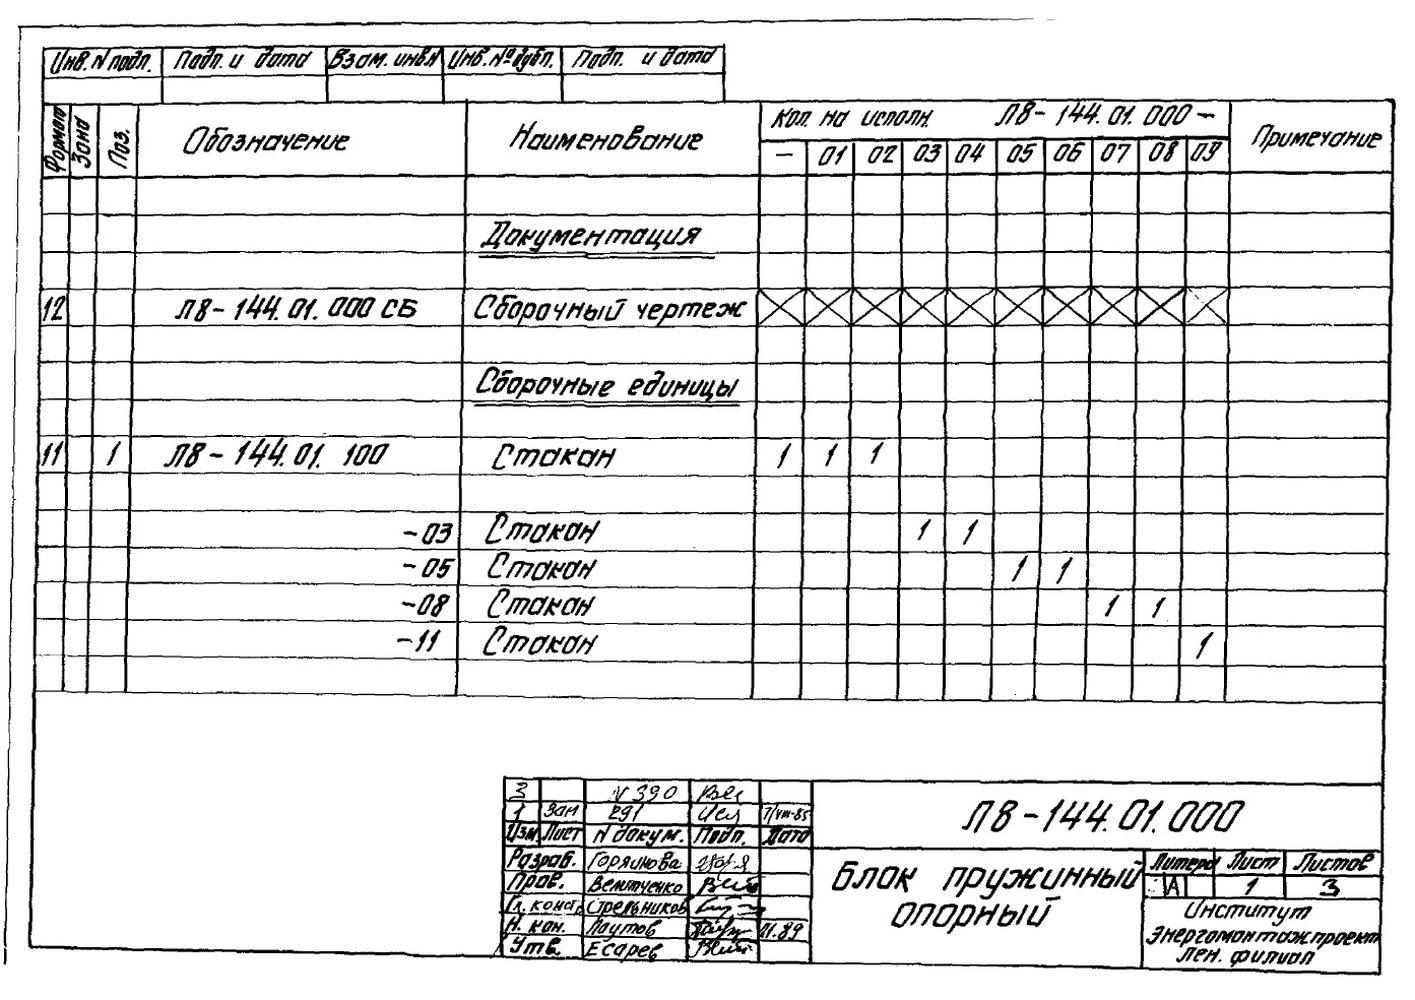 Блок пружинный опорный Л8-144.01.000 стр.2